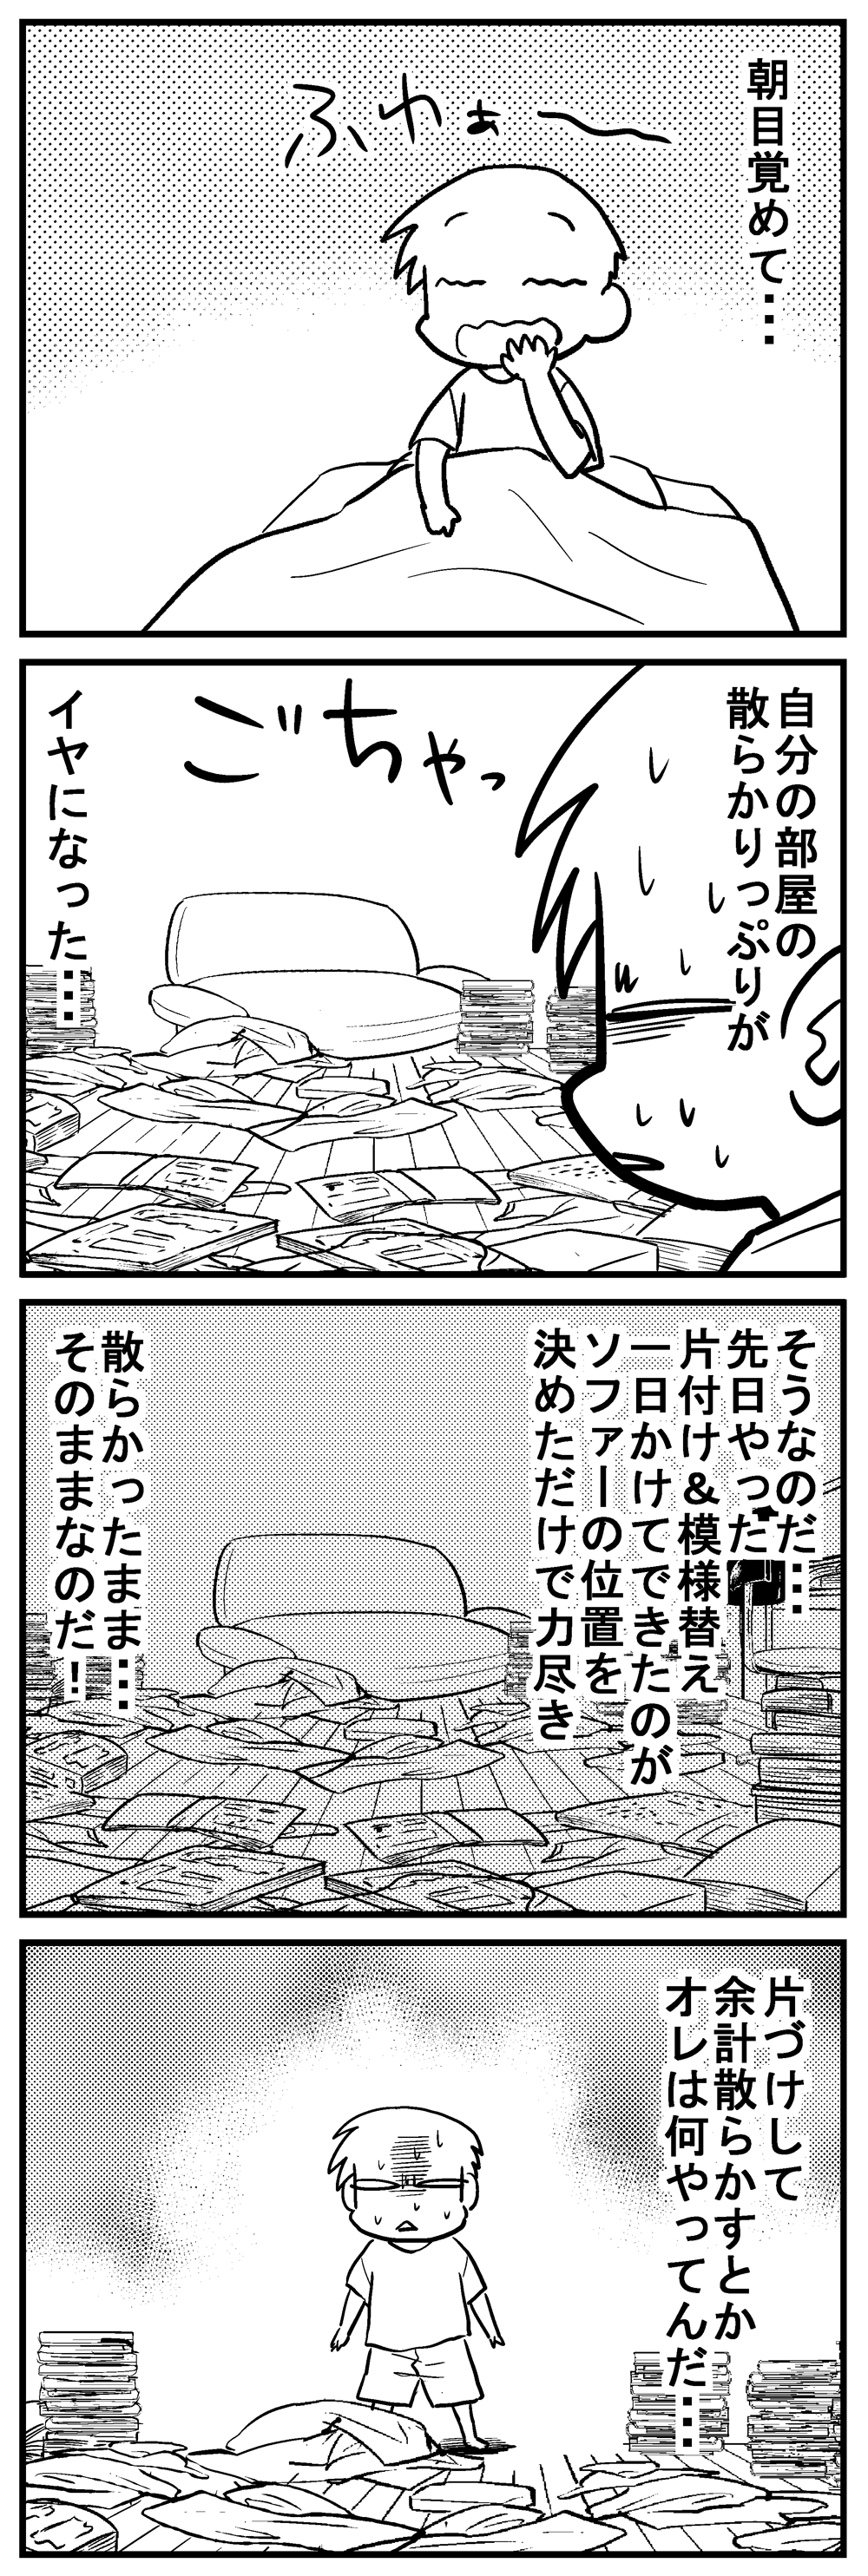 深読みくん75-1